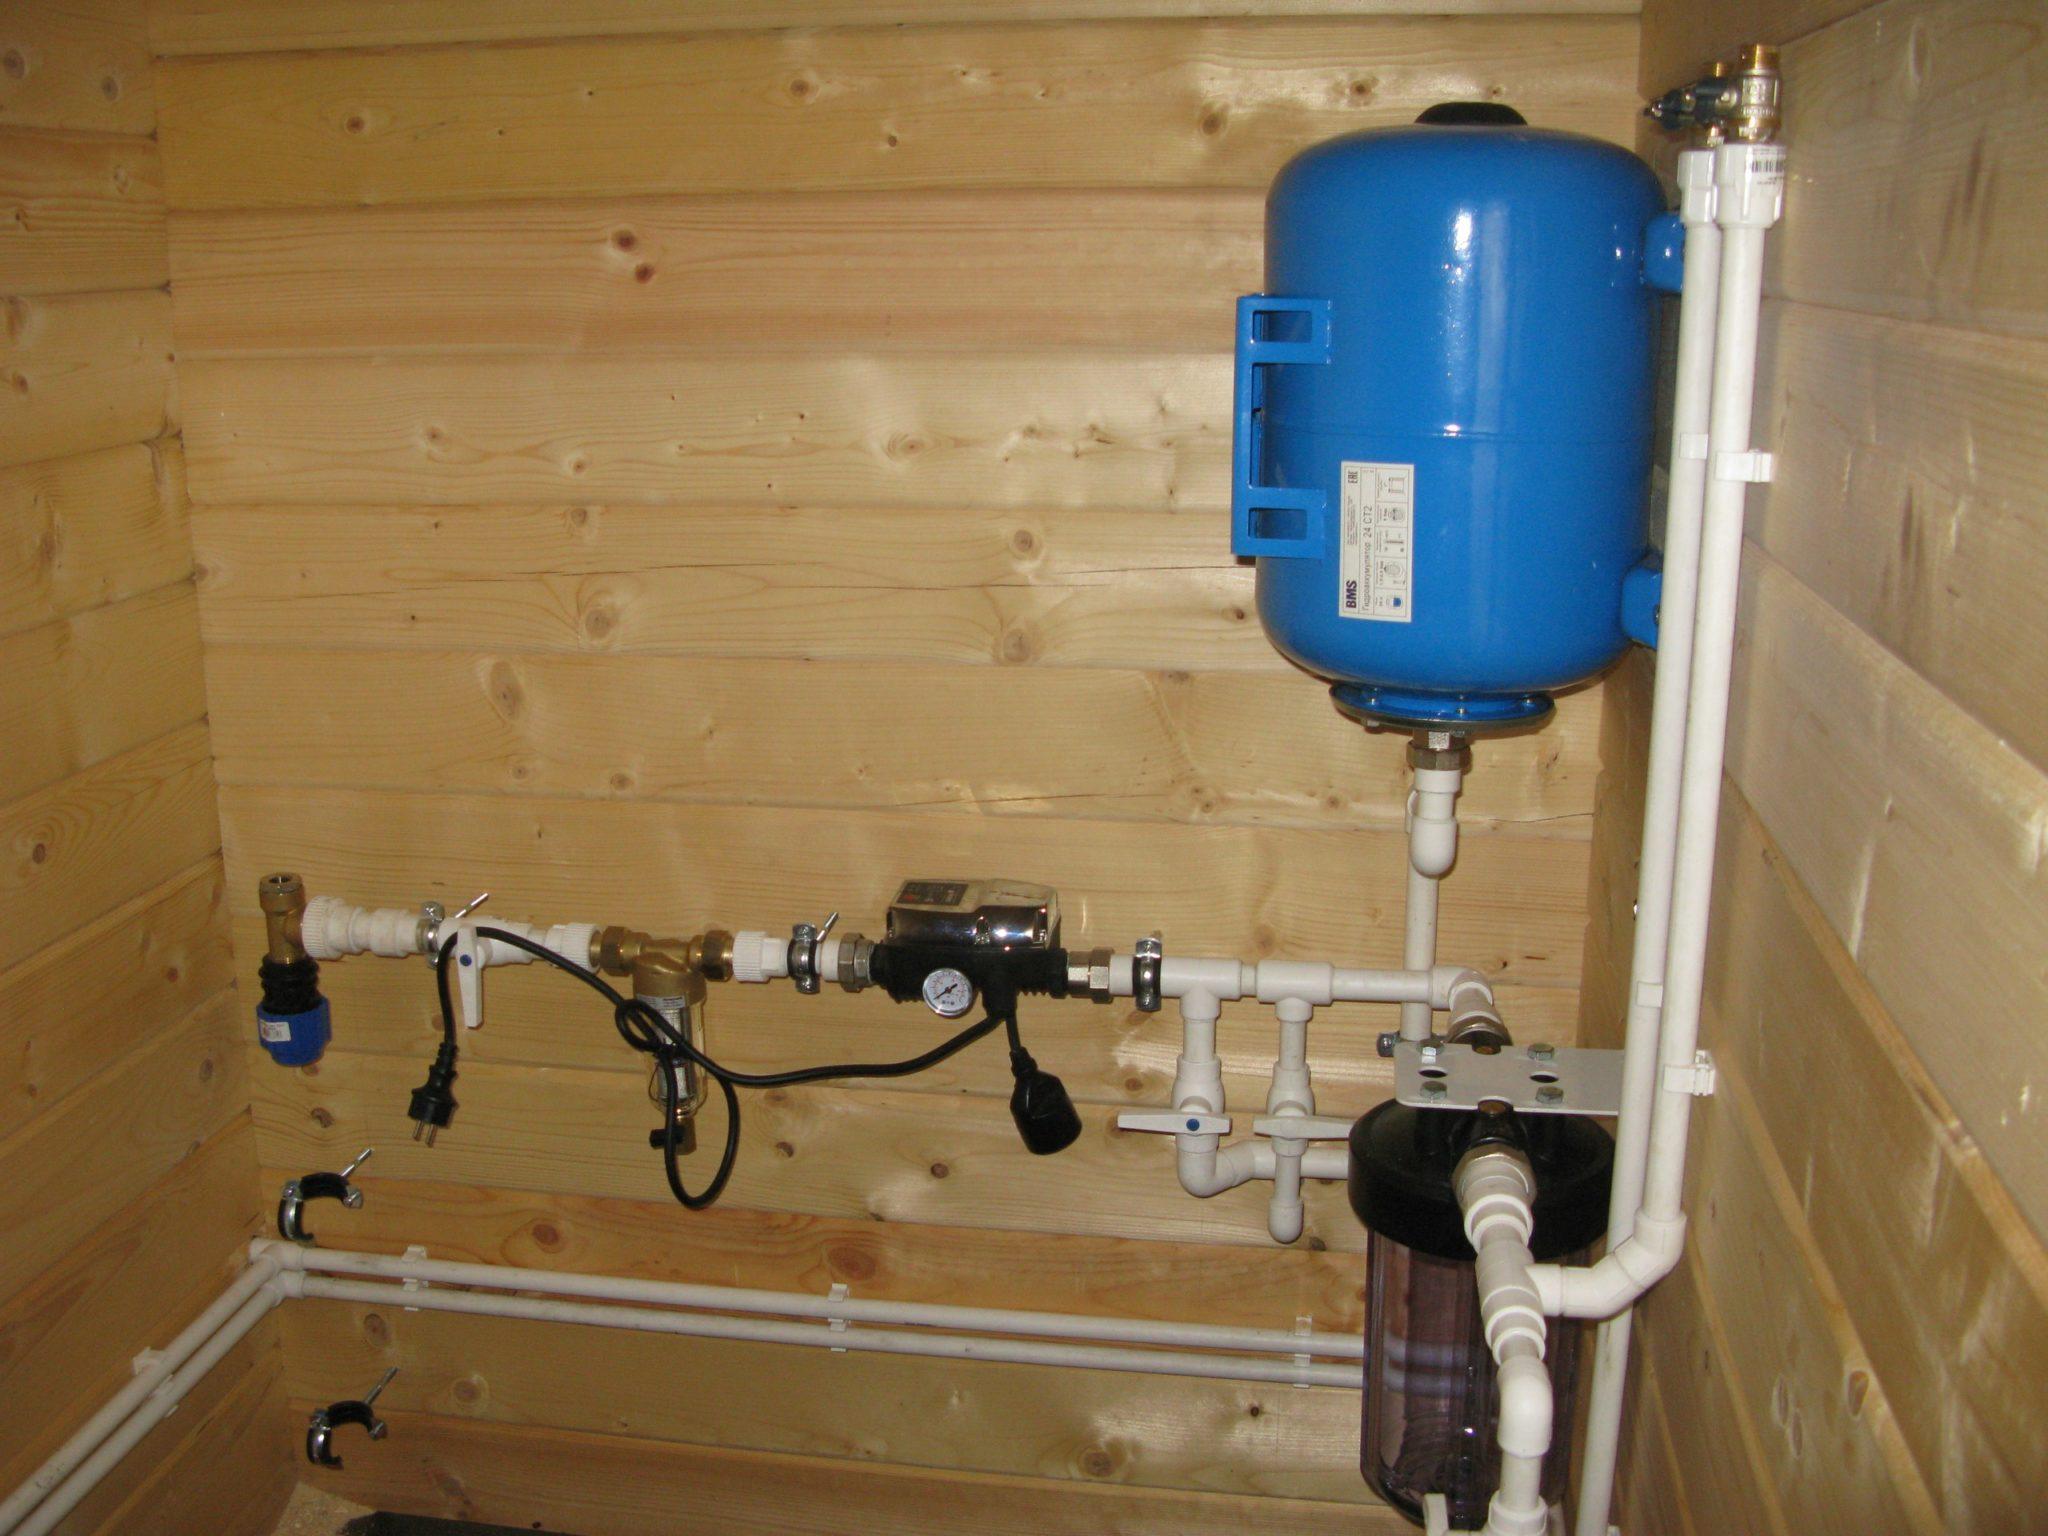 риму, системы водоснабжения загородного дома фото внешне